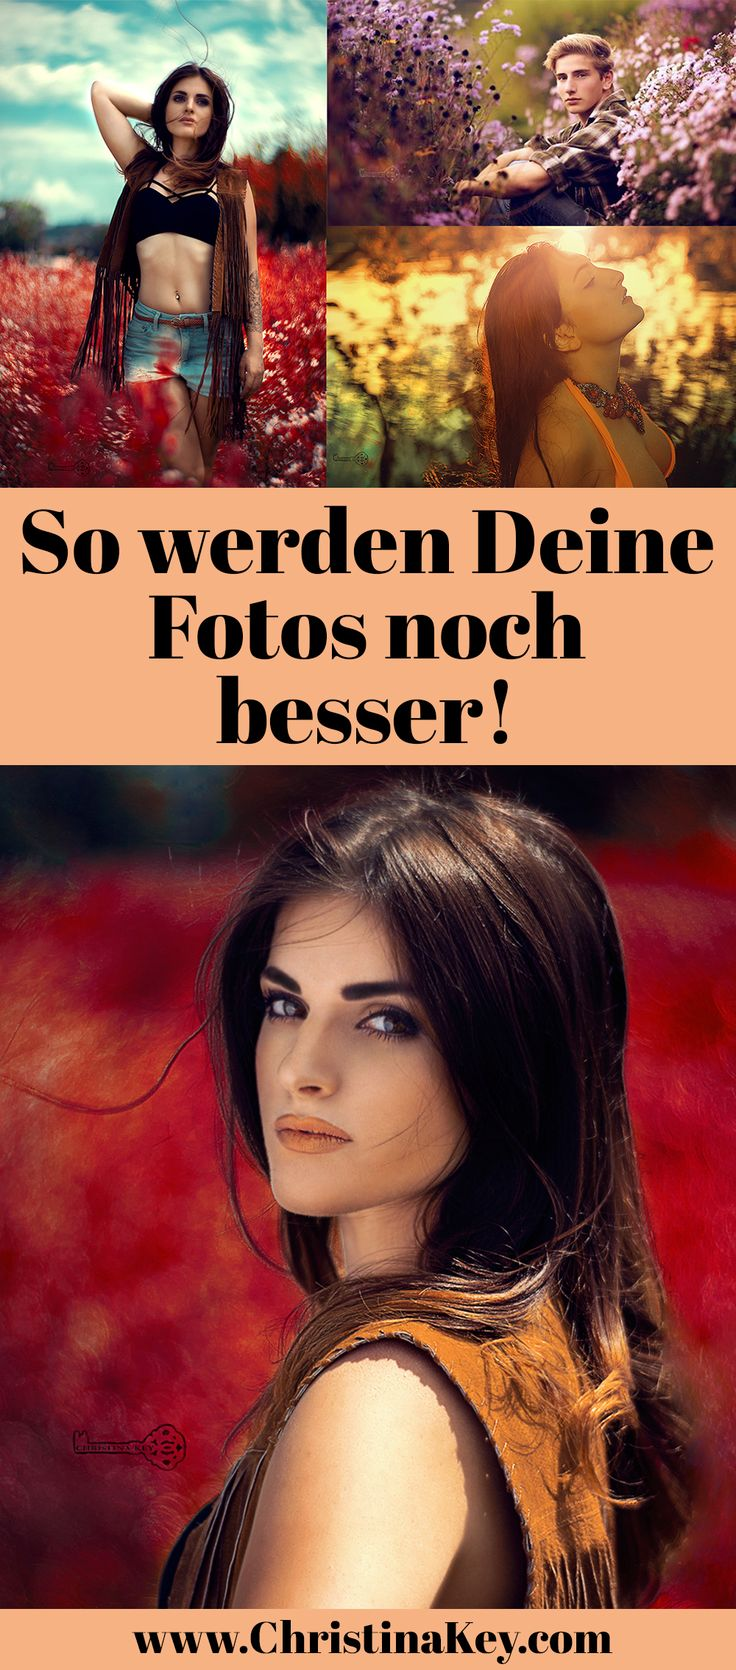 """Fotografie Tipps: Ich zeige Dir, wie Du ganz einfach noch mehr aus Deinen Fotos holst und somit noch mehr """"Wows"""" und """"Ahhs"""" bekommst! Dieser Foto Tipps Artikel ist sowohl für Fortgeschrittene und Anfänger der Fotografie, sowie für die Experten unter uns. // Artikel verfasst von CHRISTINA KEY - dem Fotografie-, Mode-, Blogger Tipps und Food Blog aus Berlin"""